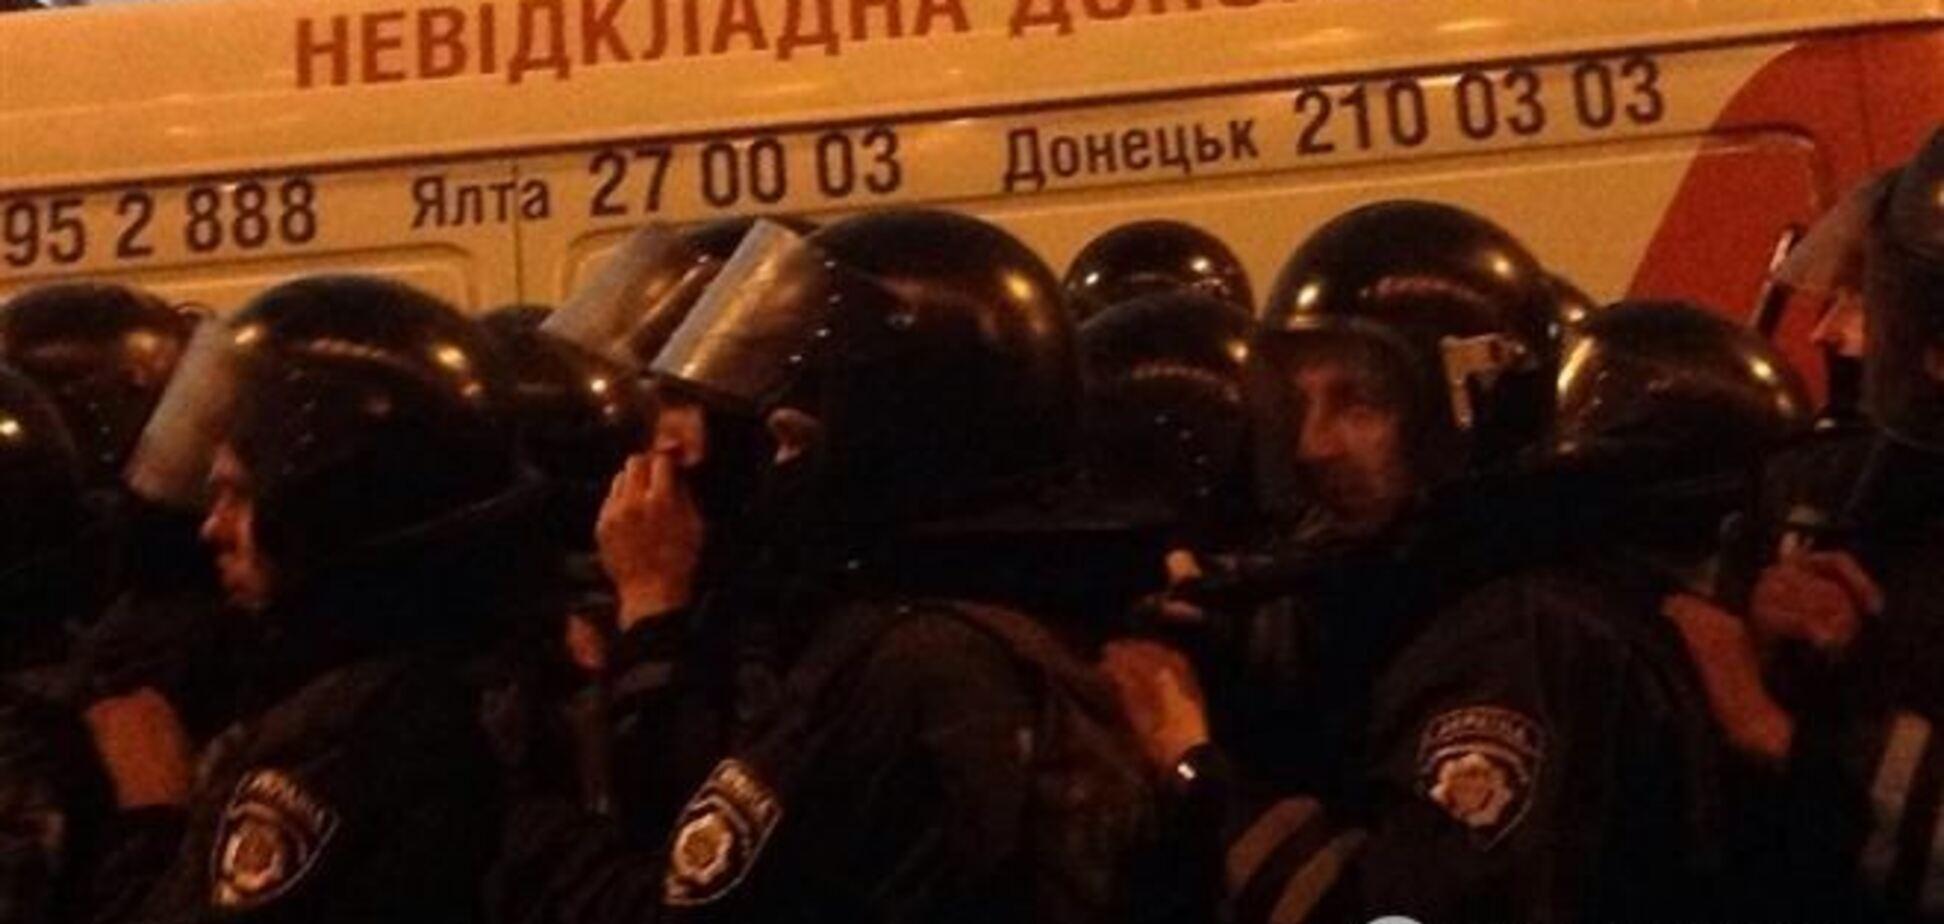 Департамент здравоохранения опроверг информацию о смерти активистки Евромайдана